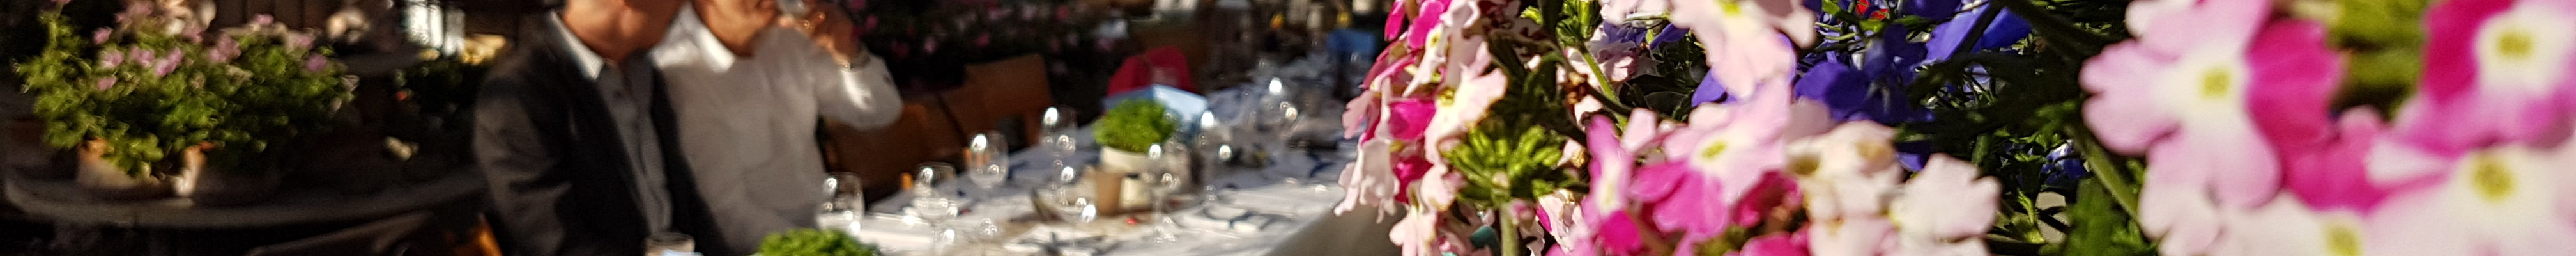 Langer Tisch im Zelt